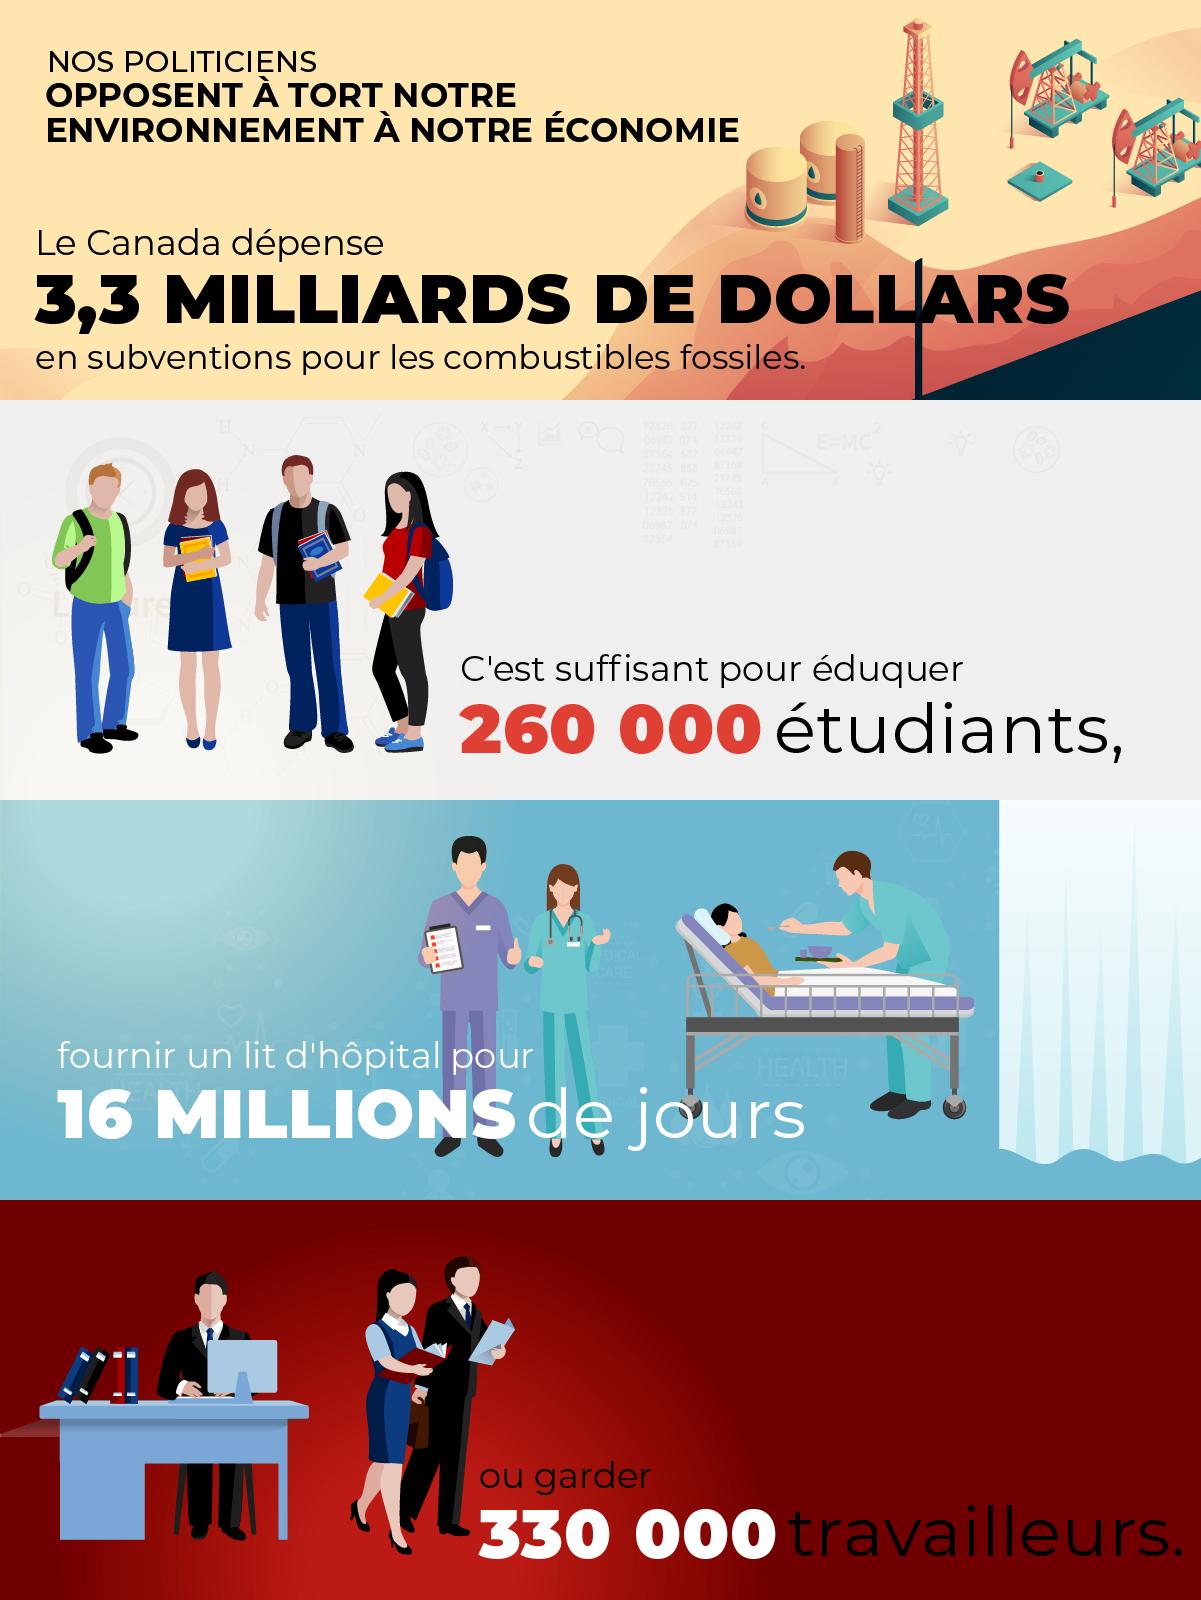 Le Canada dépense 3,3 milliards de dollars en subventions pour les combustibles fossiles. C'est suffisant pour éduquer 260 000 étudiants, fournir un lit d'hôpital pour 16 millions de jours ou garder 330 000 travailleurs.